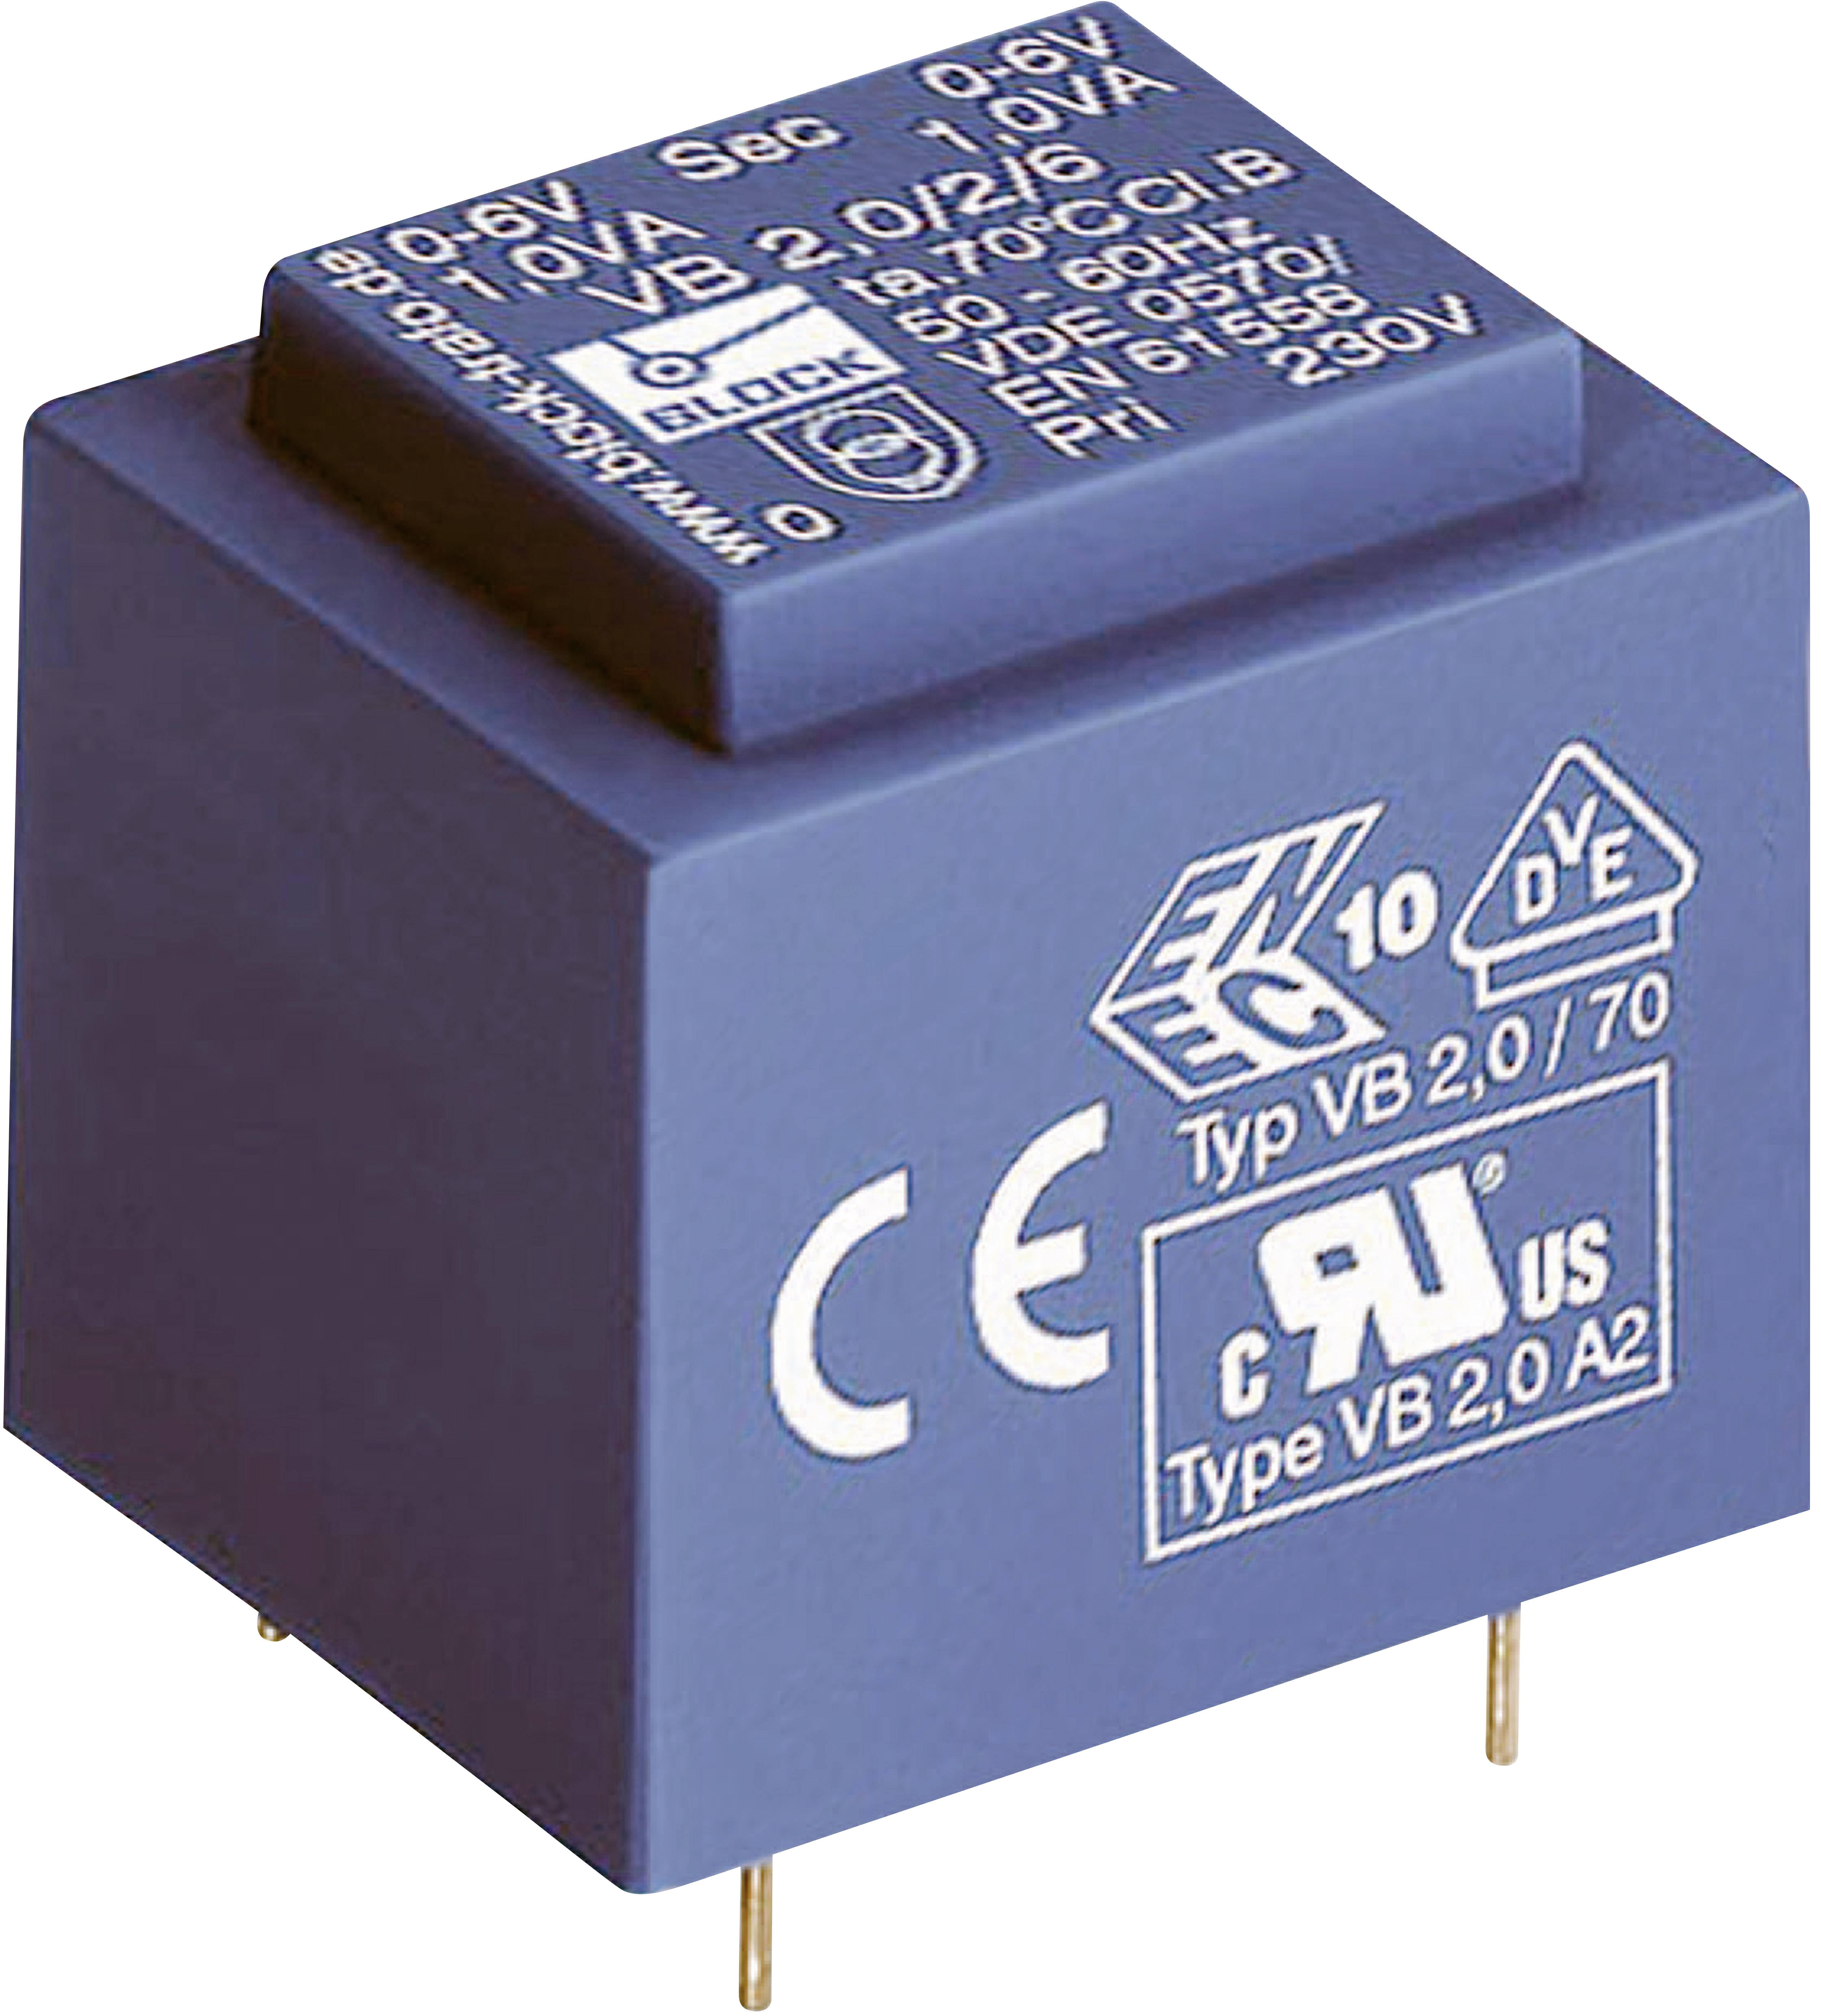 Transformátor do DPS Block VB 3,2/1/18, 3.20 VA